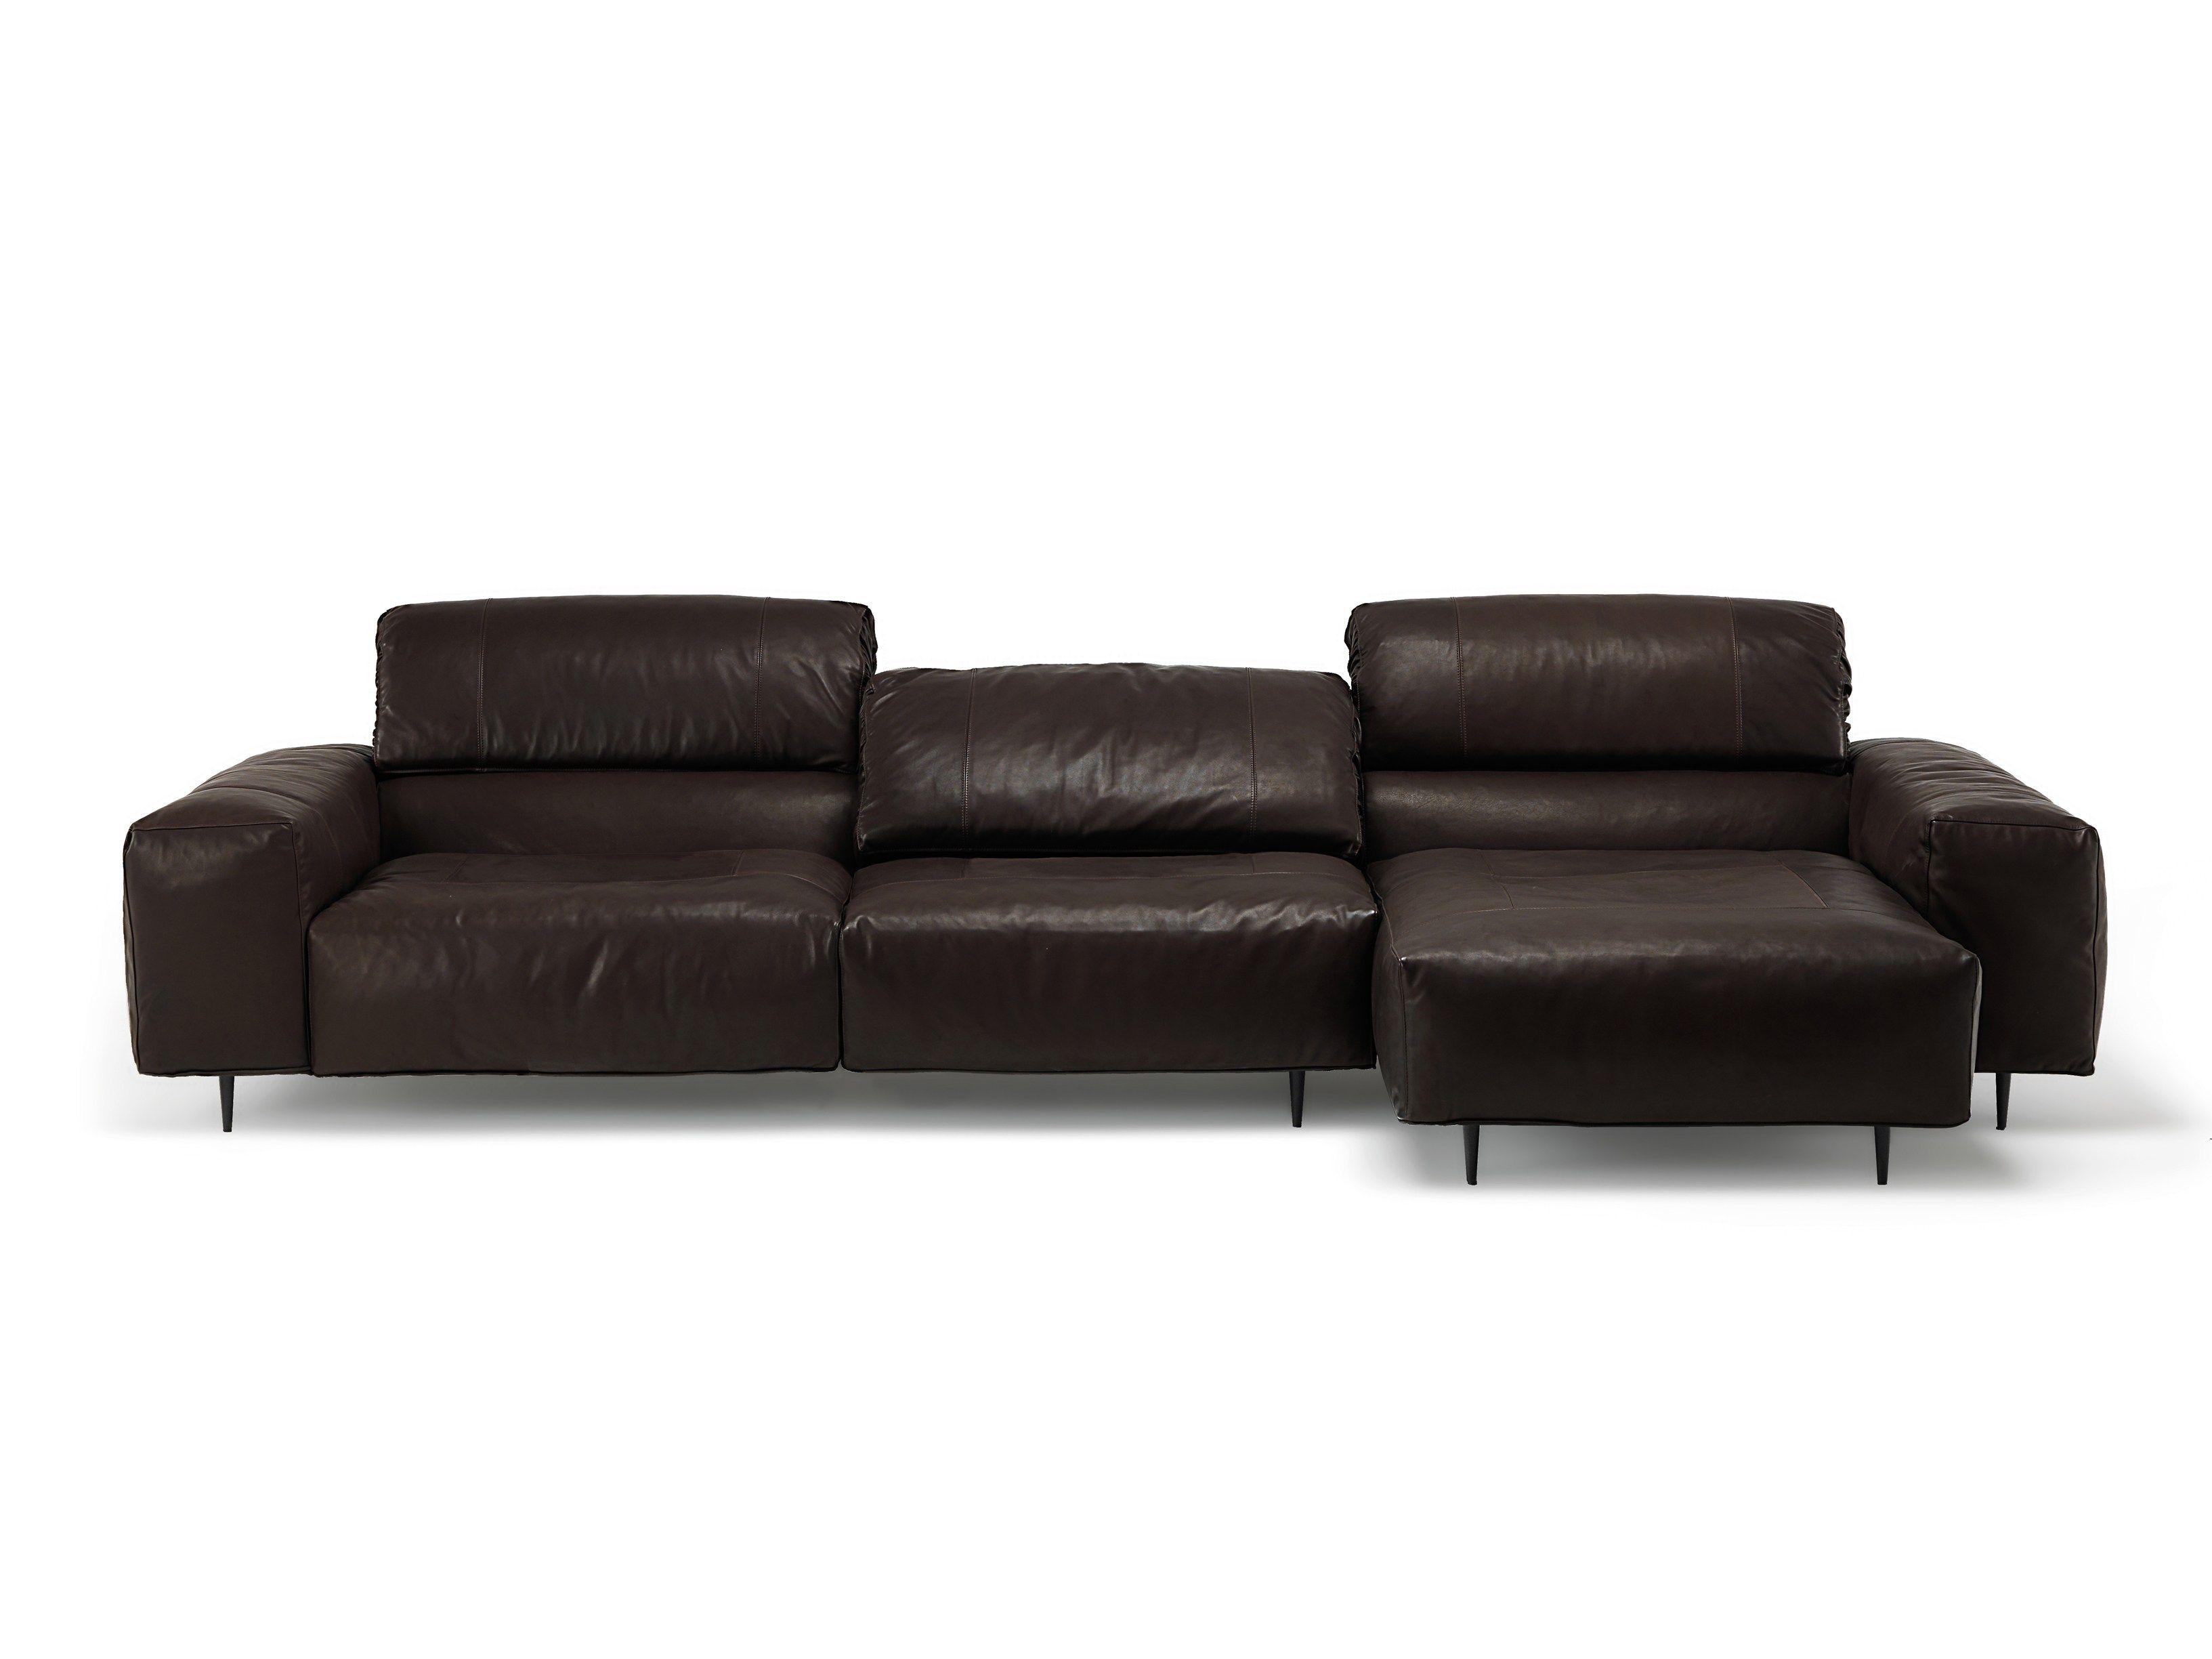 Crazy Diamond Sectional Sofa By Arketipo Design Giuseppe